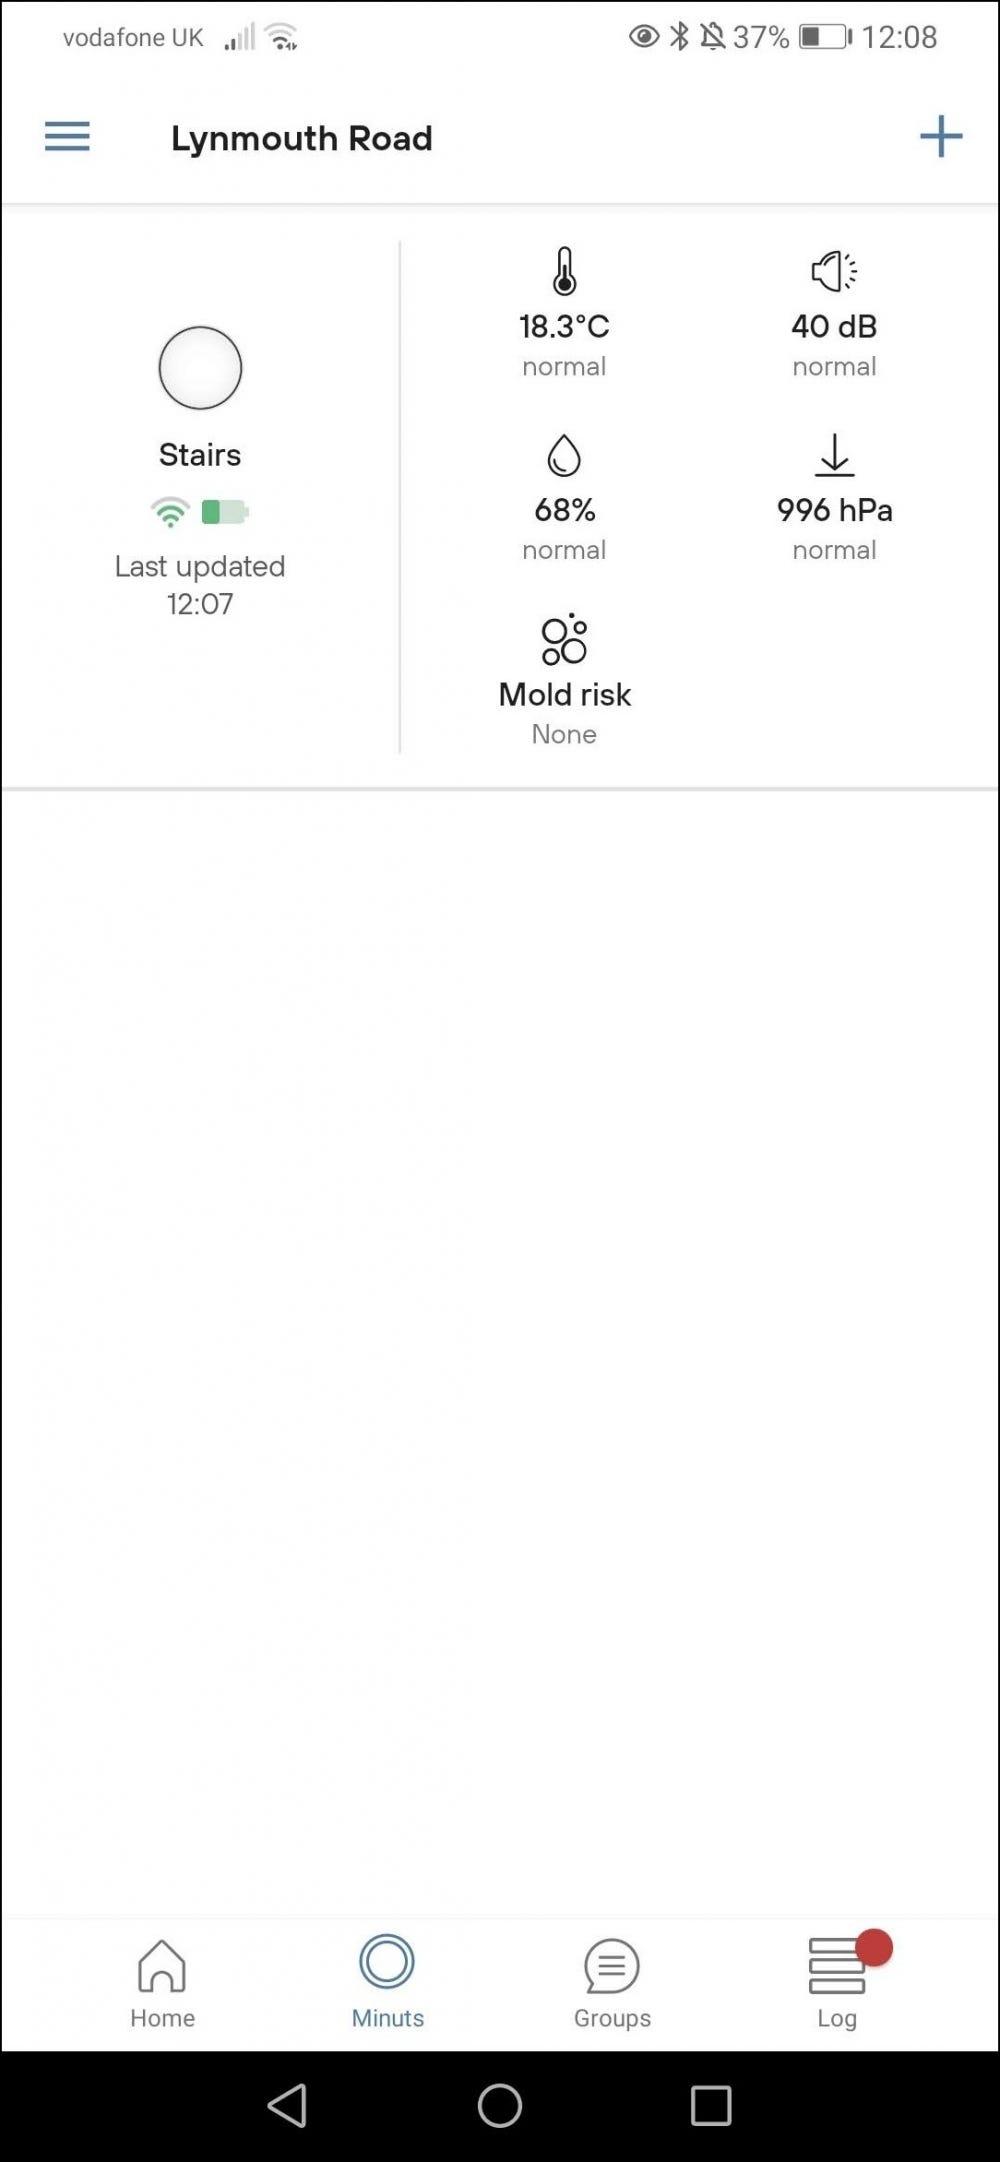 minut app minuts page with mini report